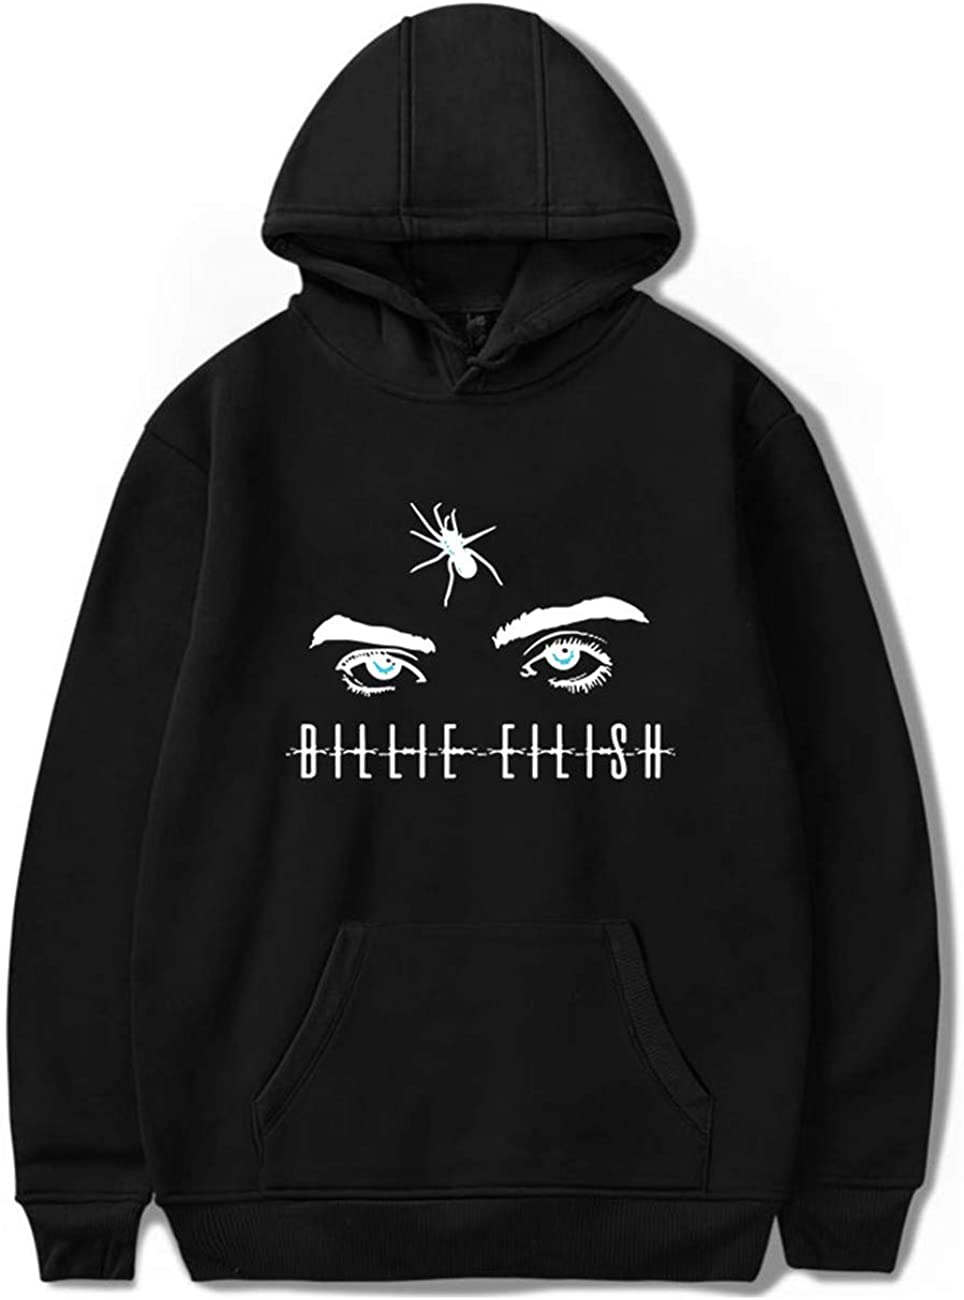 Gar/çon Billie Eilish Hoodie Bellyache Sweat /à Capuche Style Classique personnalis/é Mode Unisexe Pull Causual Hip Hop V/êtements-05-White-L